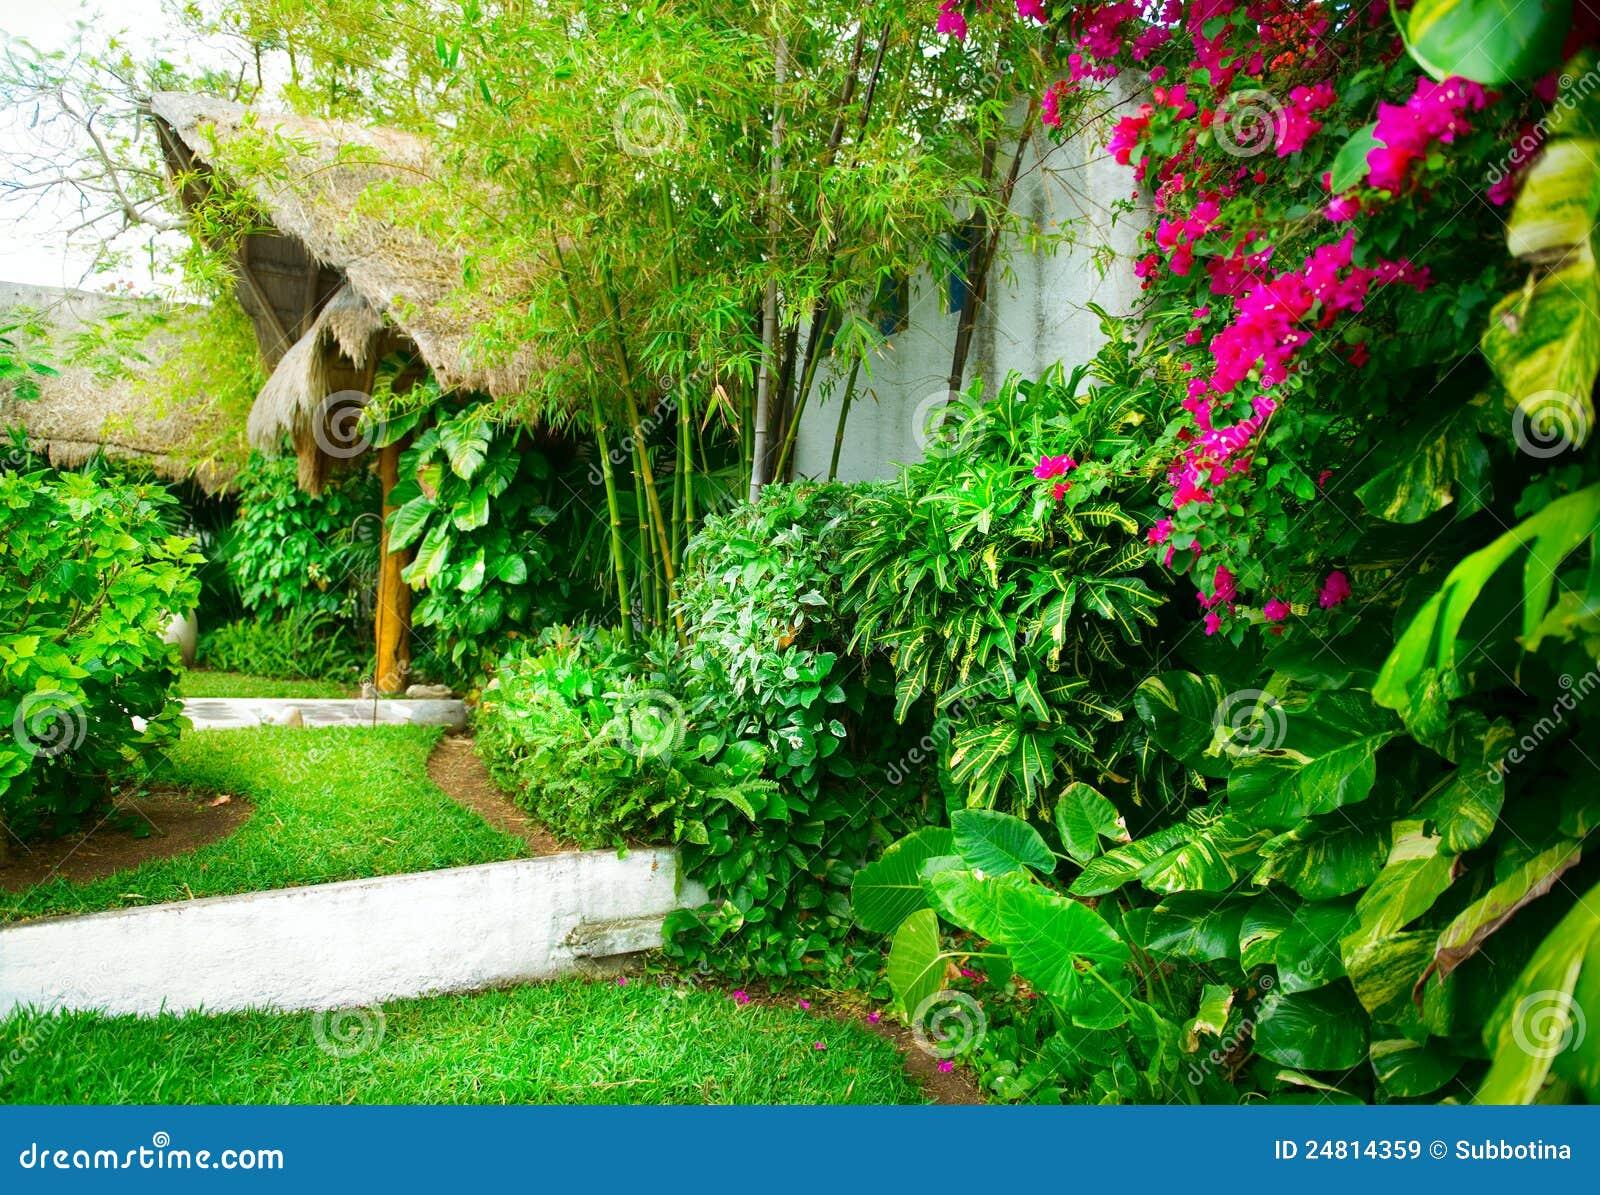 Jardim Tropical Imagens de Stock Royalty Free  Imagem 24814359